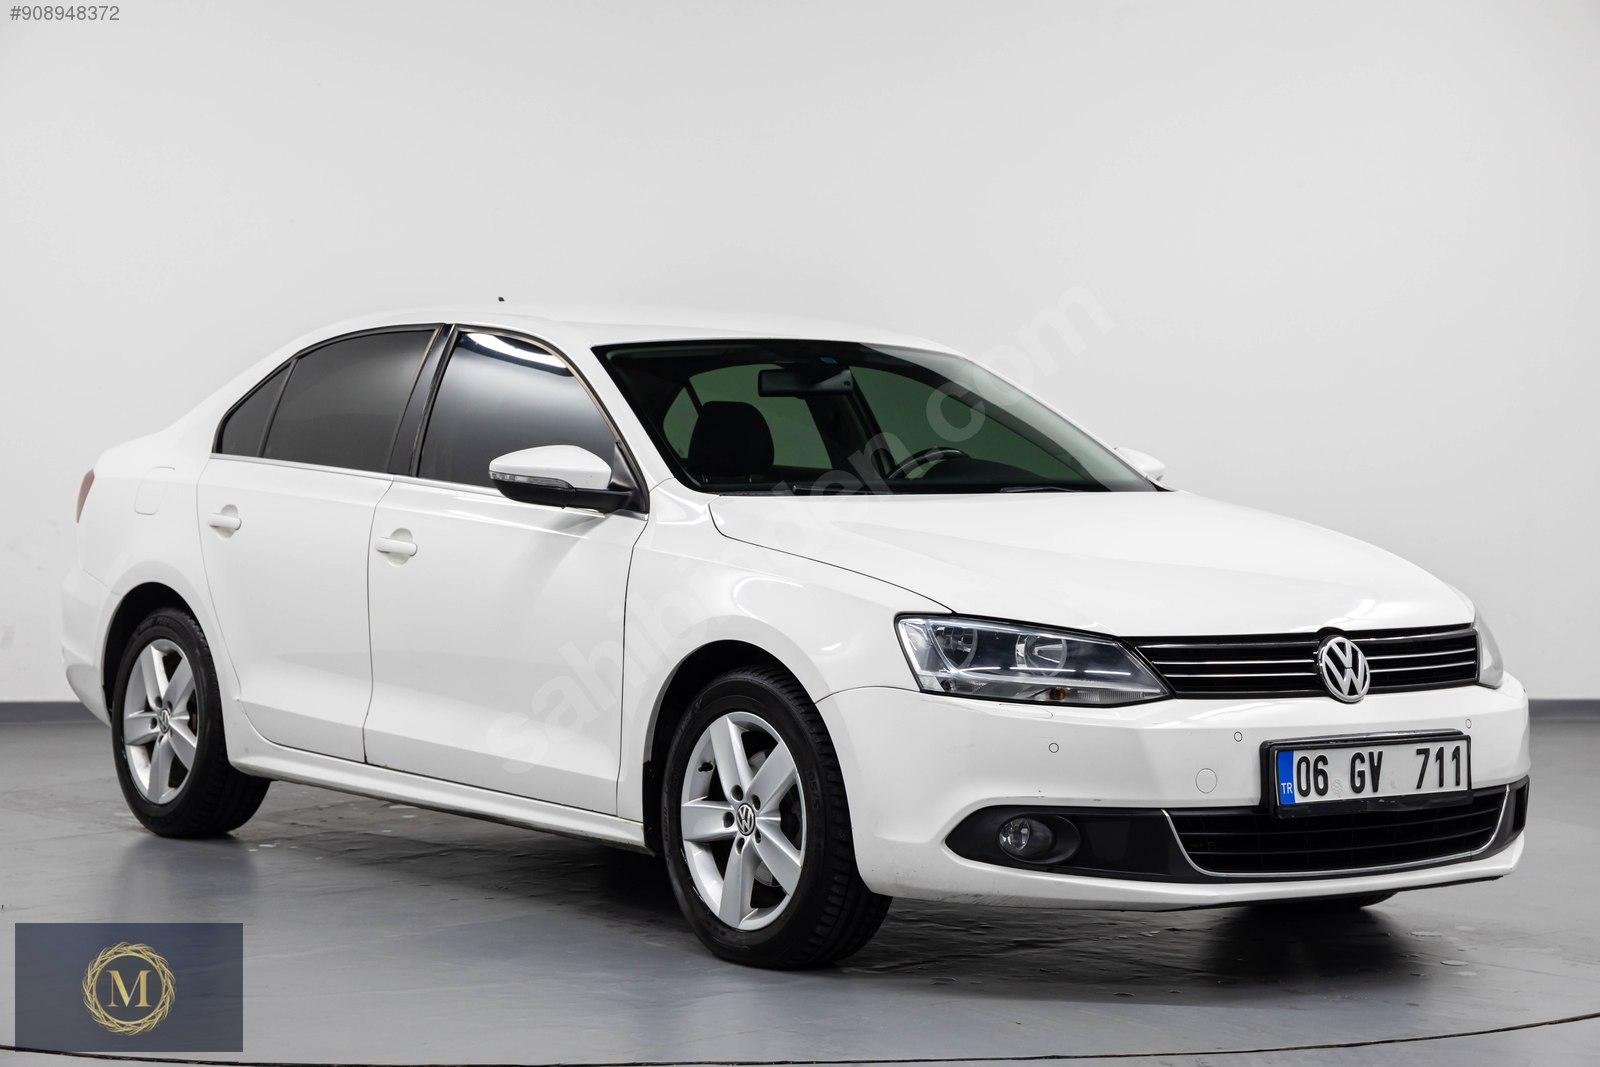 VW JETTA 1.6 TDI COMFORTLİNE DSG